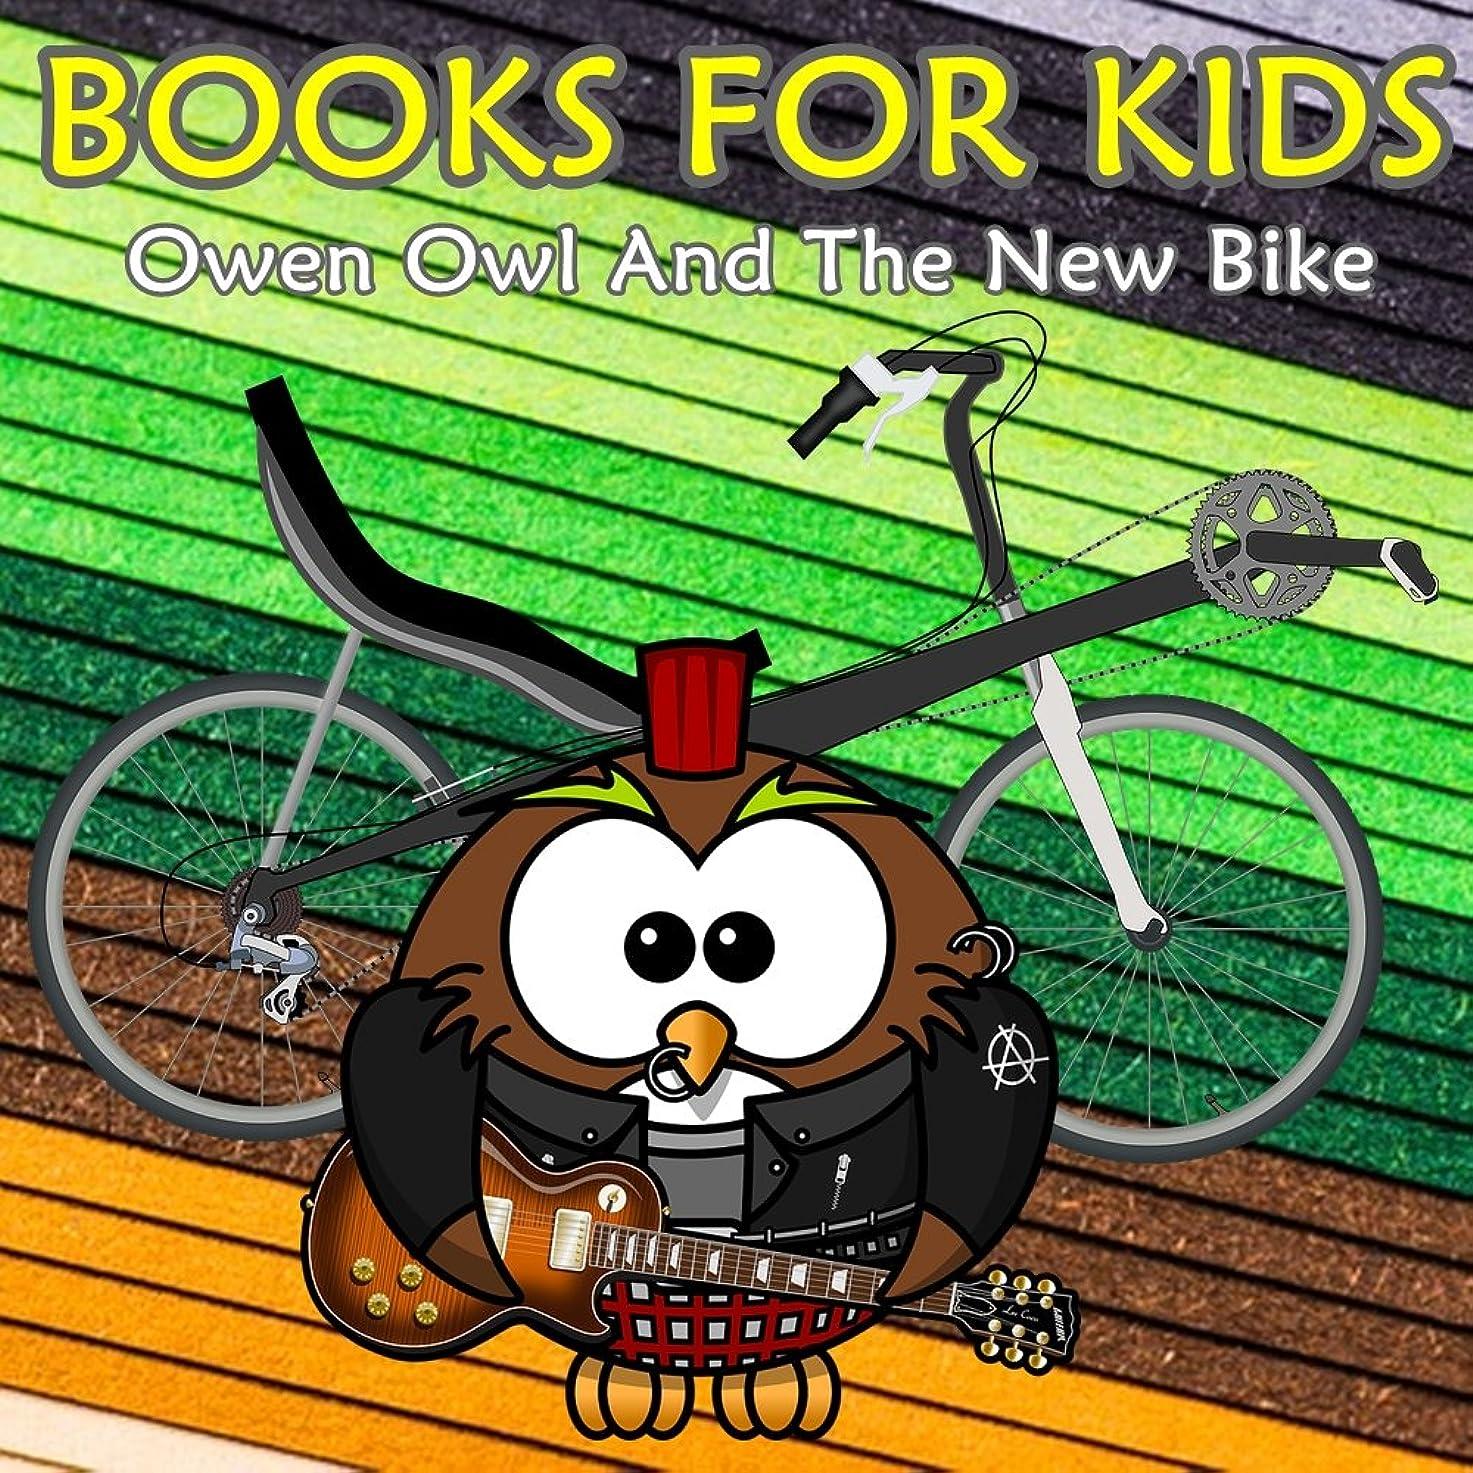 ドアミラーメディア小道具Books for Kids: Owen Owl And The New Bike: Help Your Kids Overcome & Deal With Jealousy (Kids Books Ages 3-8) Short Stories For Kids,Bedtime Stories For ... Books, Early Readers (English Edition)